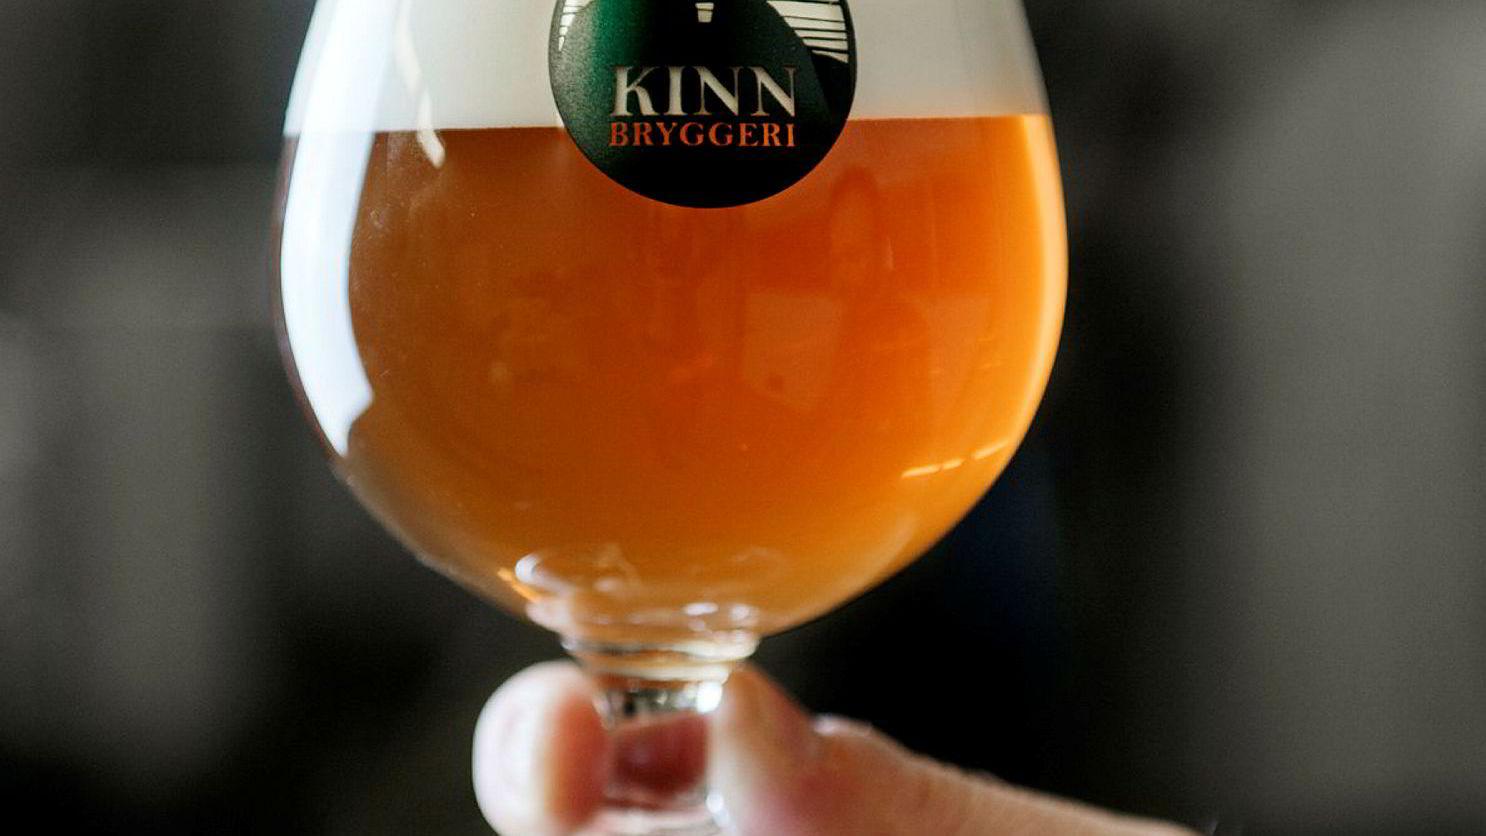 Nå kan avgiftene på øl fra småbryggerier bli lavere. Her et glass øl fra Kinn bryggeri i Florø.